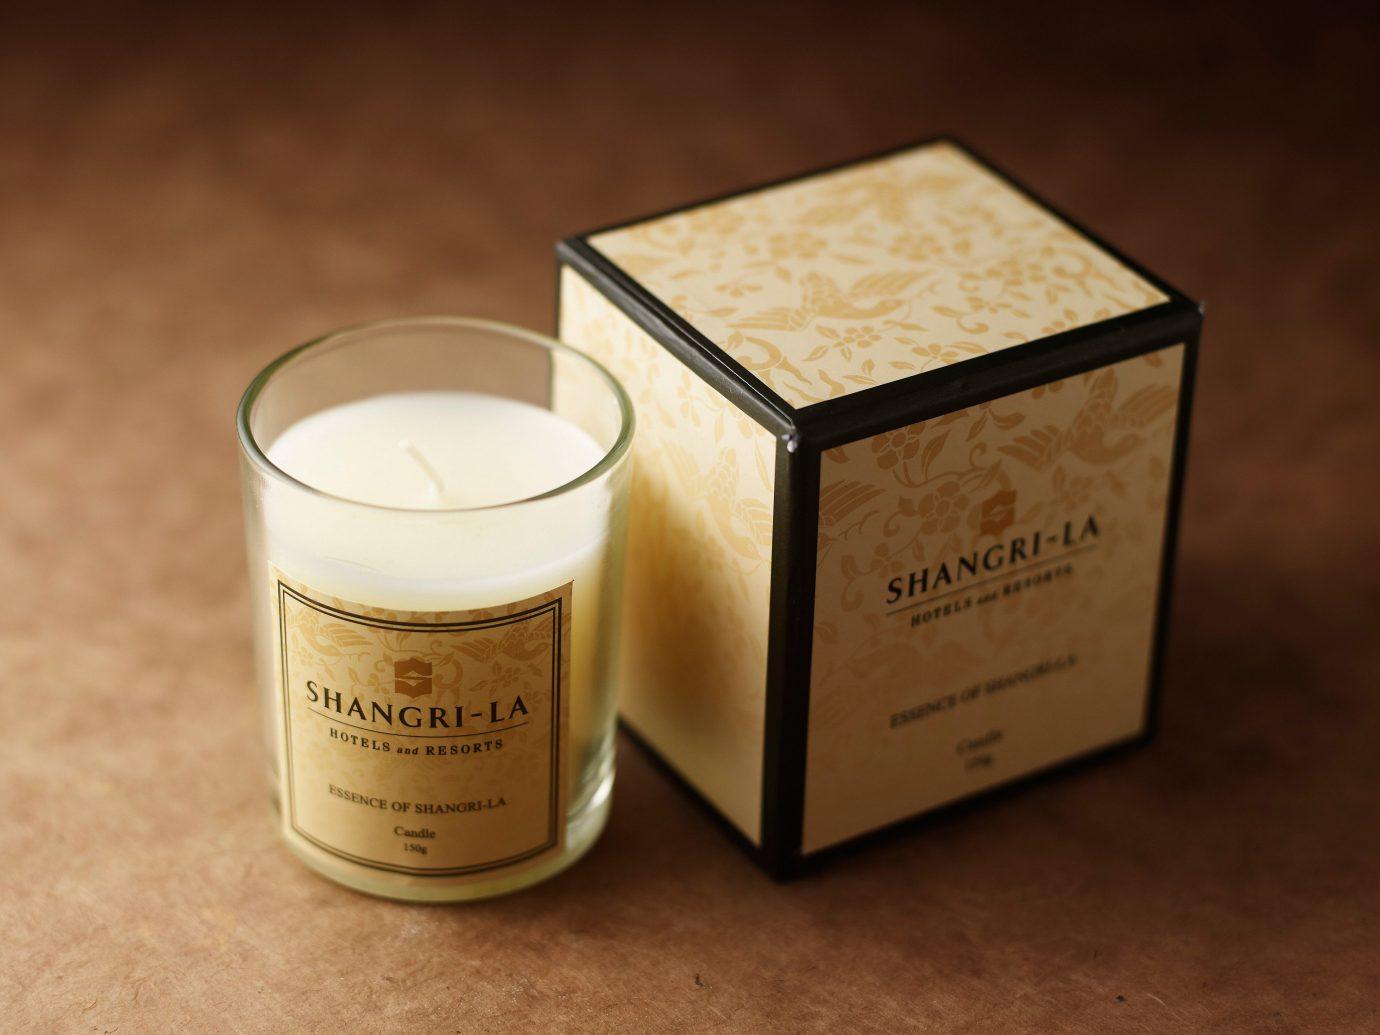 Hotels Luxury Travel candle indoor floor lighting flavor coconut